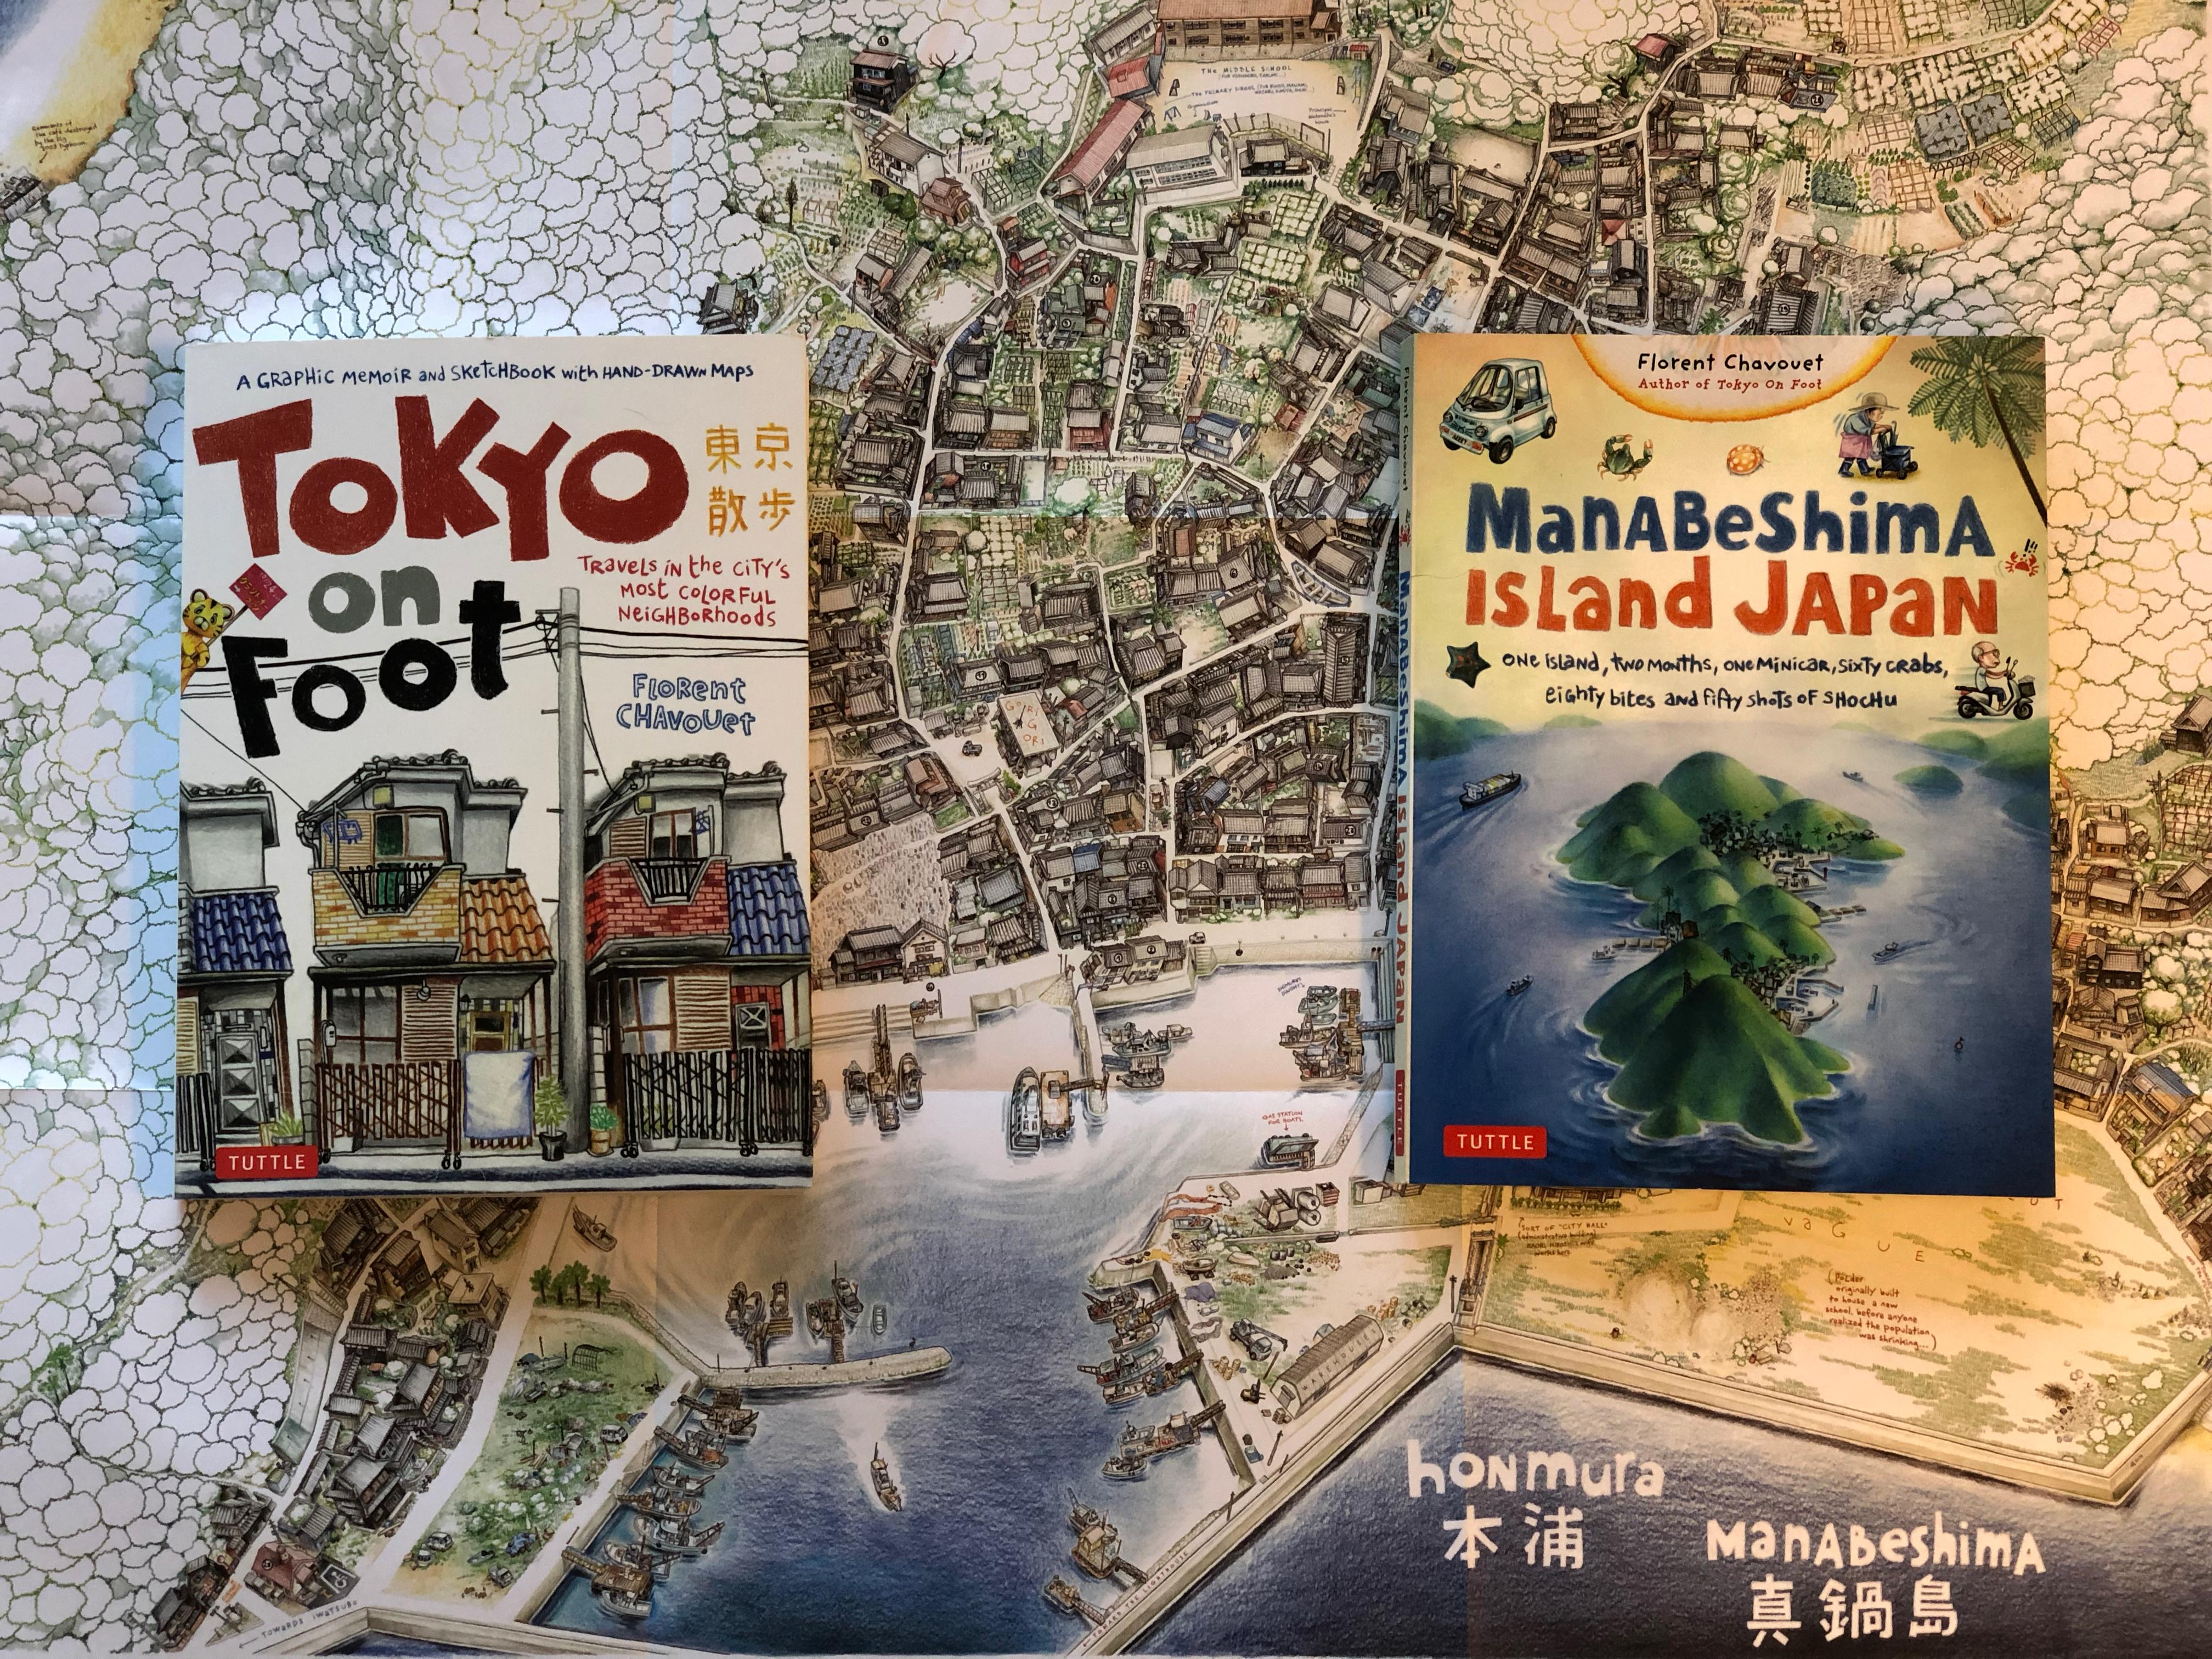 Florent Chavouets böcker Tokyo on Foot och Manabeshima Island Japan ligger på kartan över byn Manabeshima som följer med den sistnämnda boken.